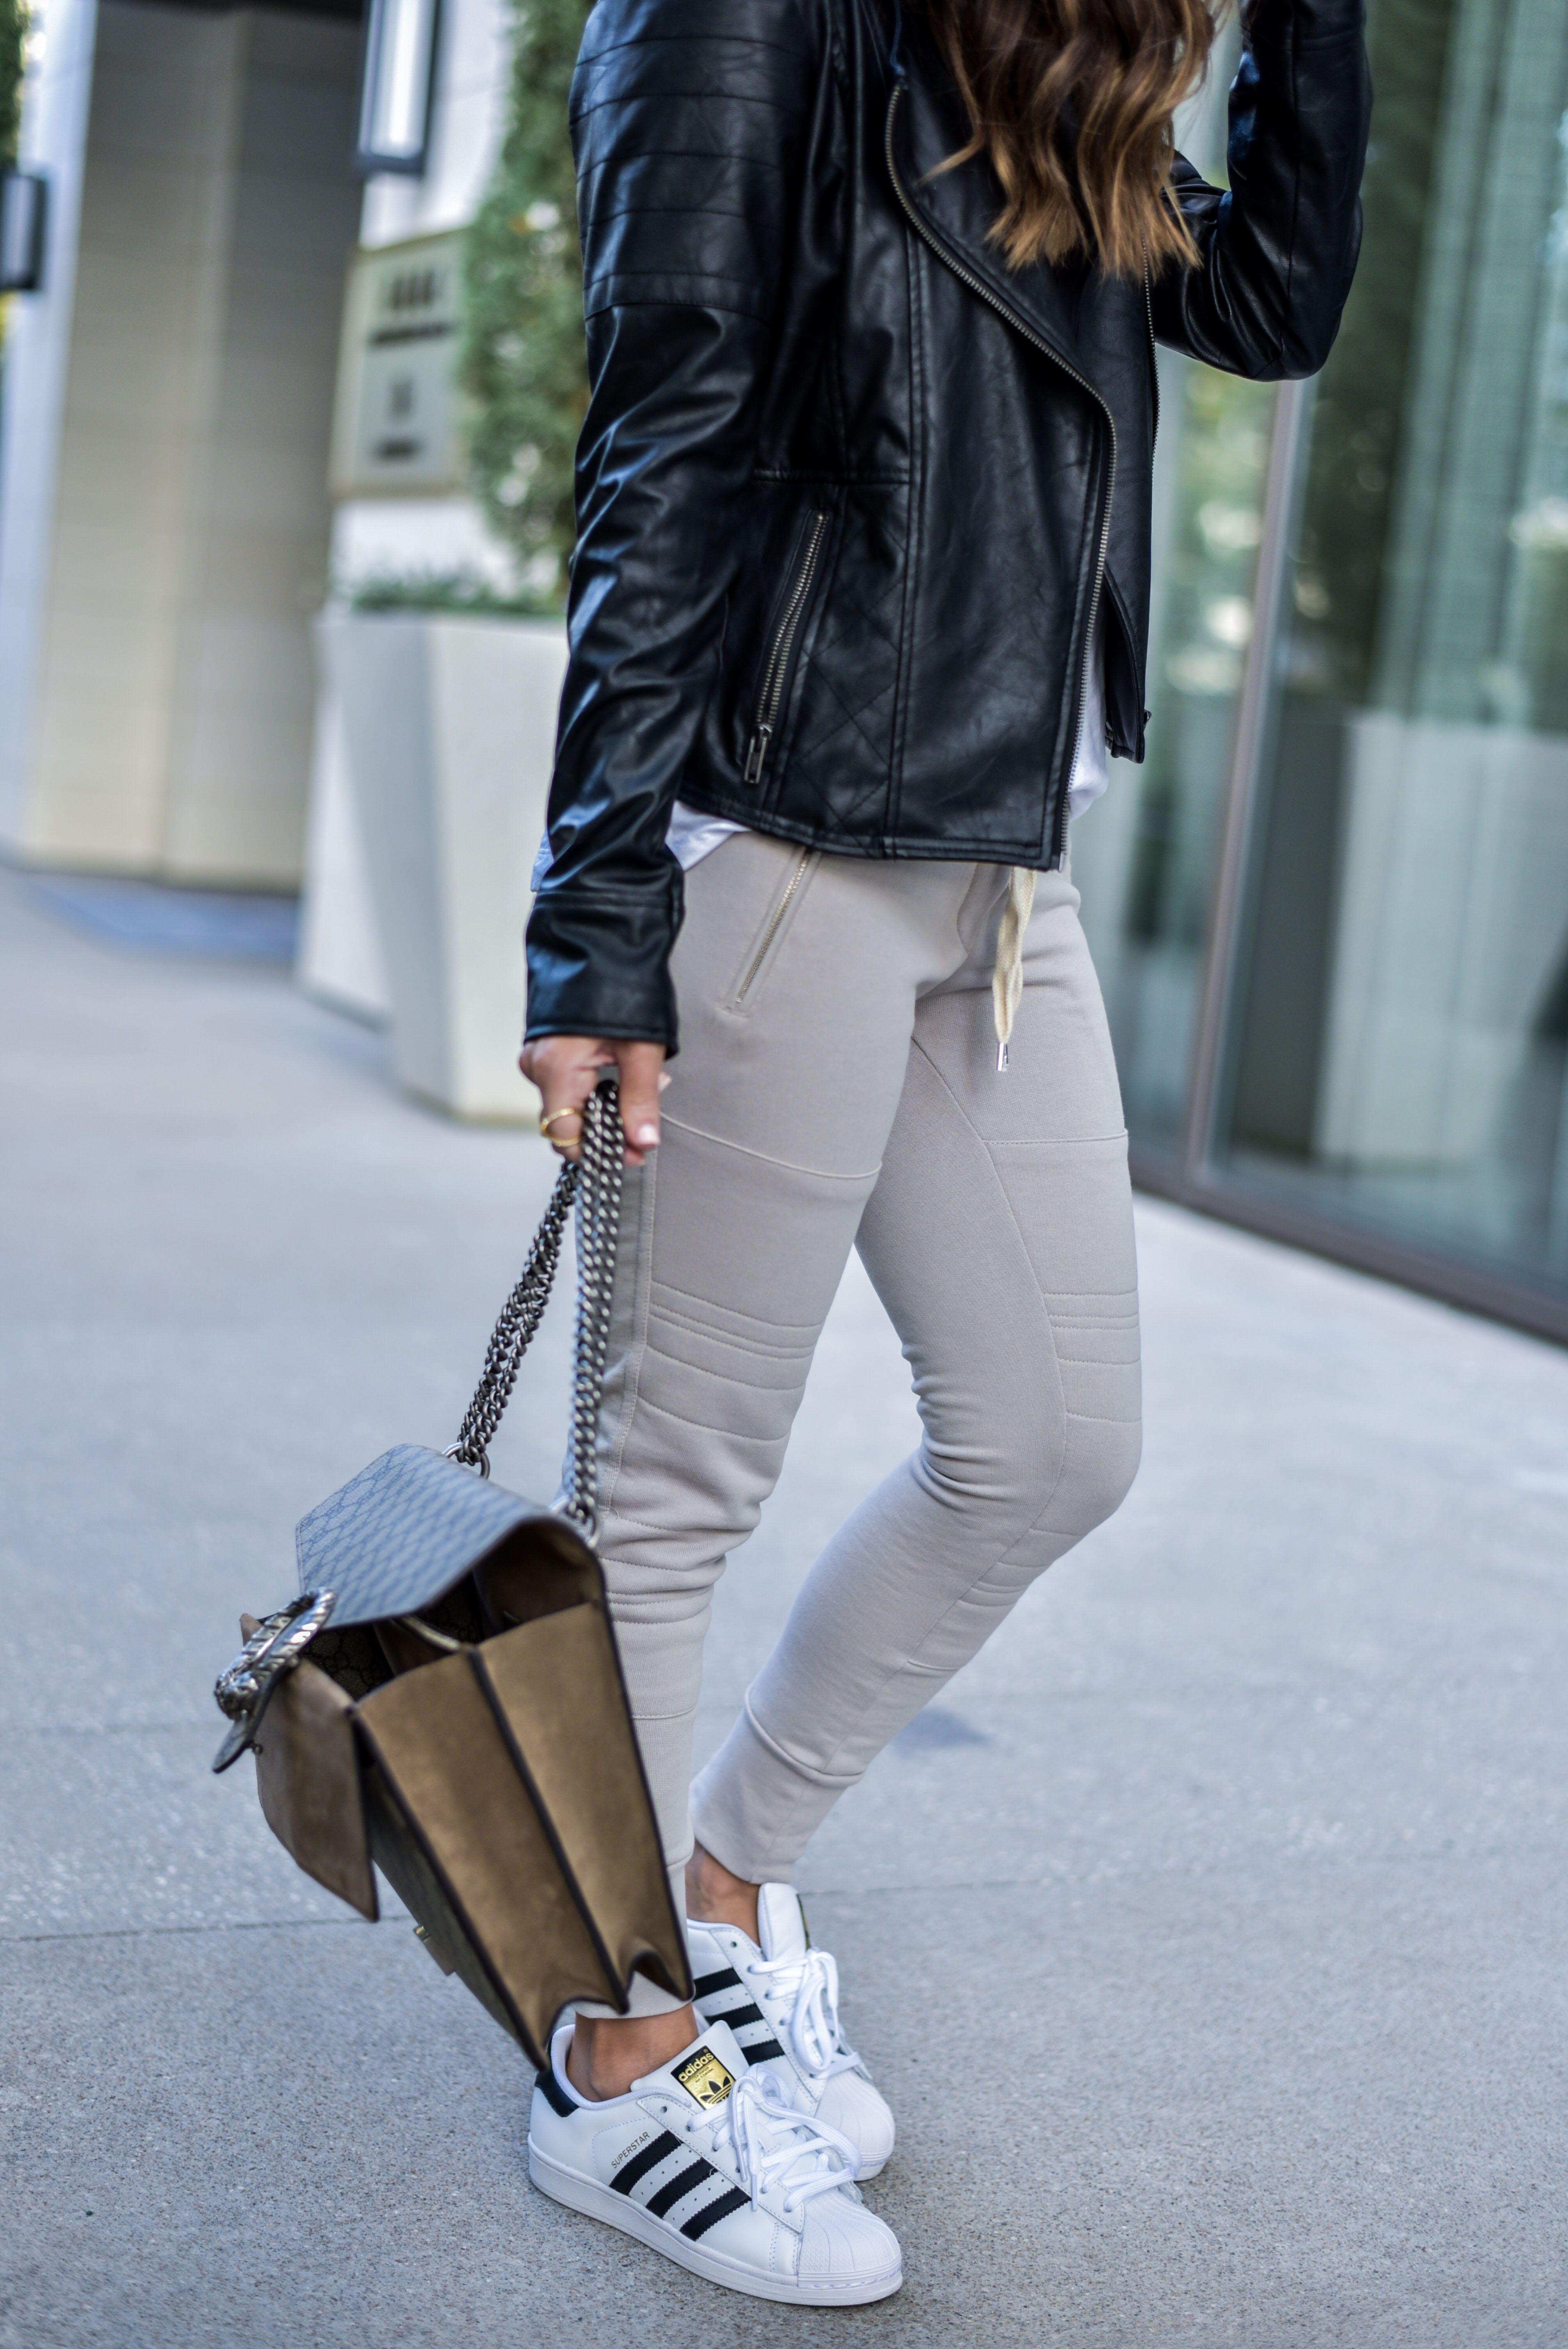 Adidas superstar sneakers, estilo blogger, corredores, chaqueta de cuero